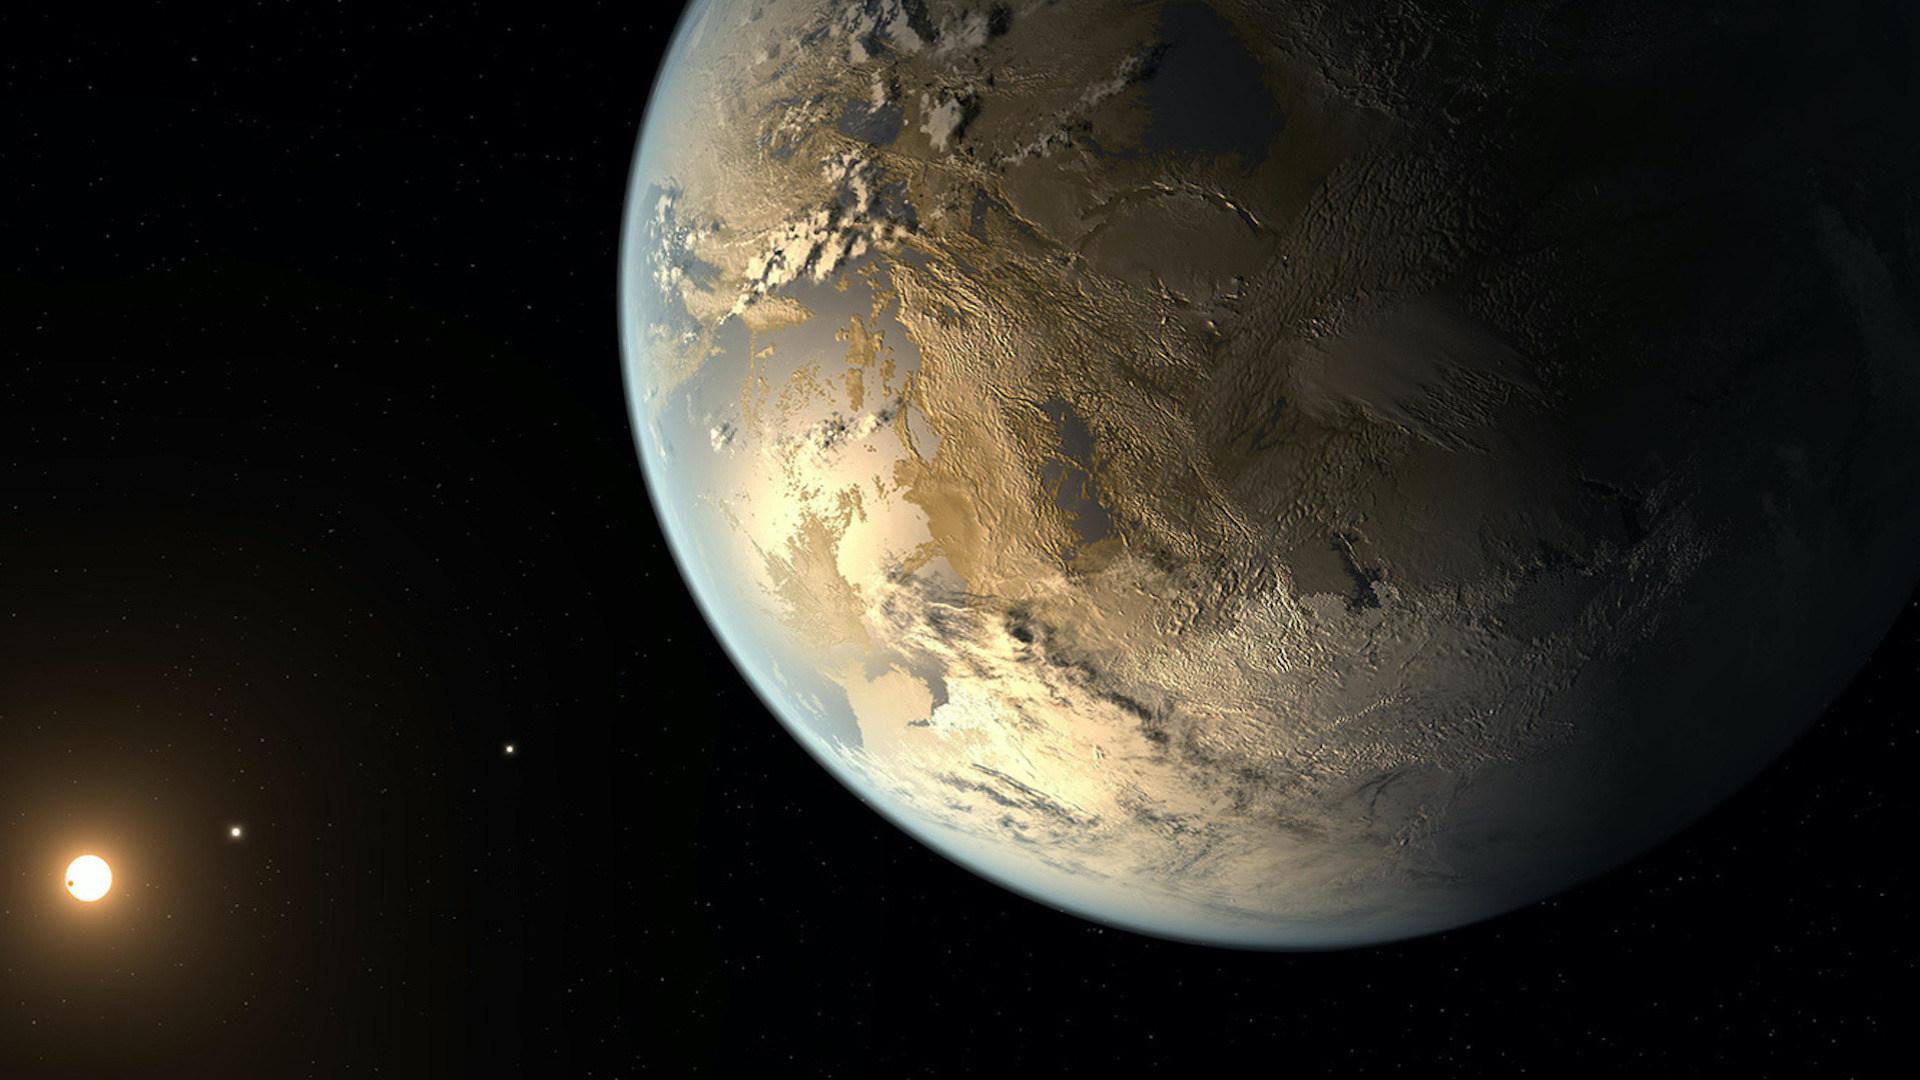 Upgrade für Planetenjagd: Experiment könnte Blick deutlich schärfen - WinFuture